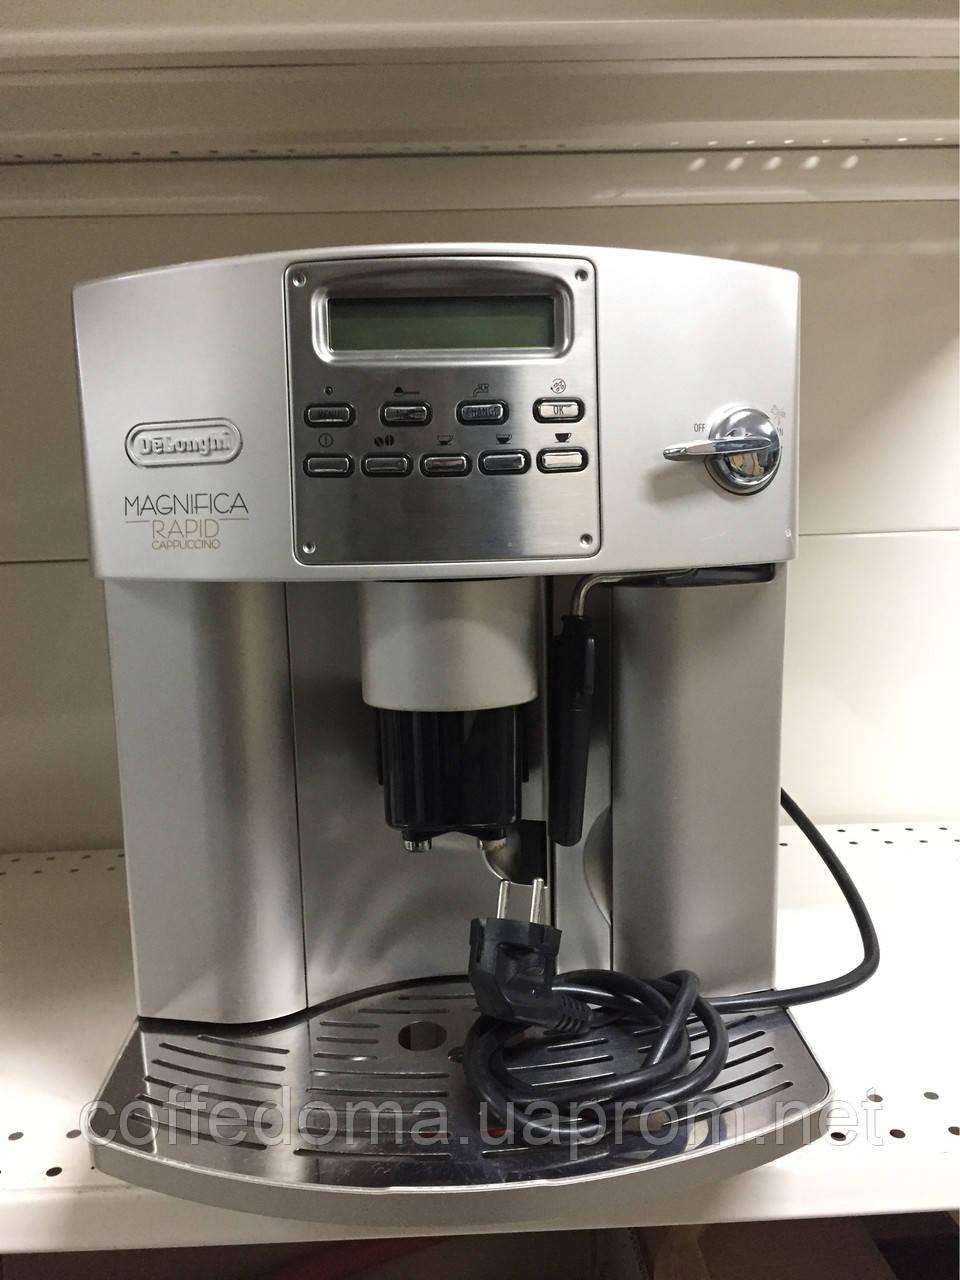 Delonghi magnifica esam 3400 автоматическая кофемашина